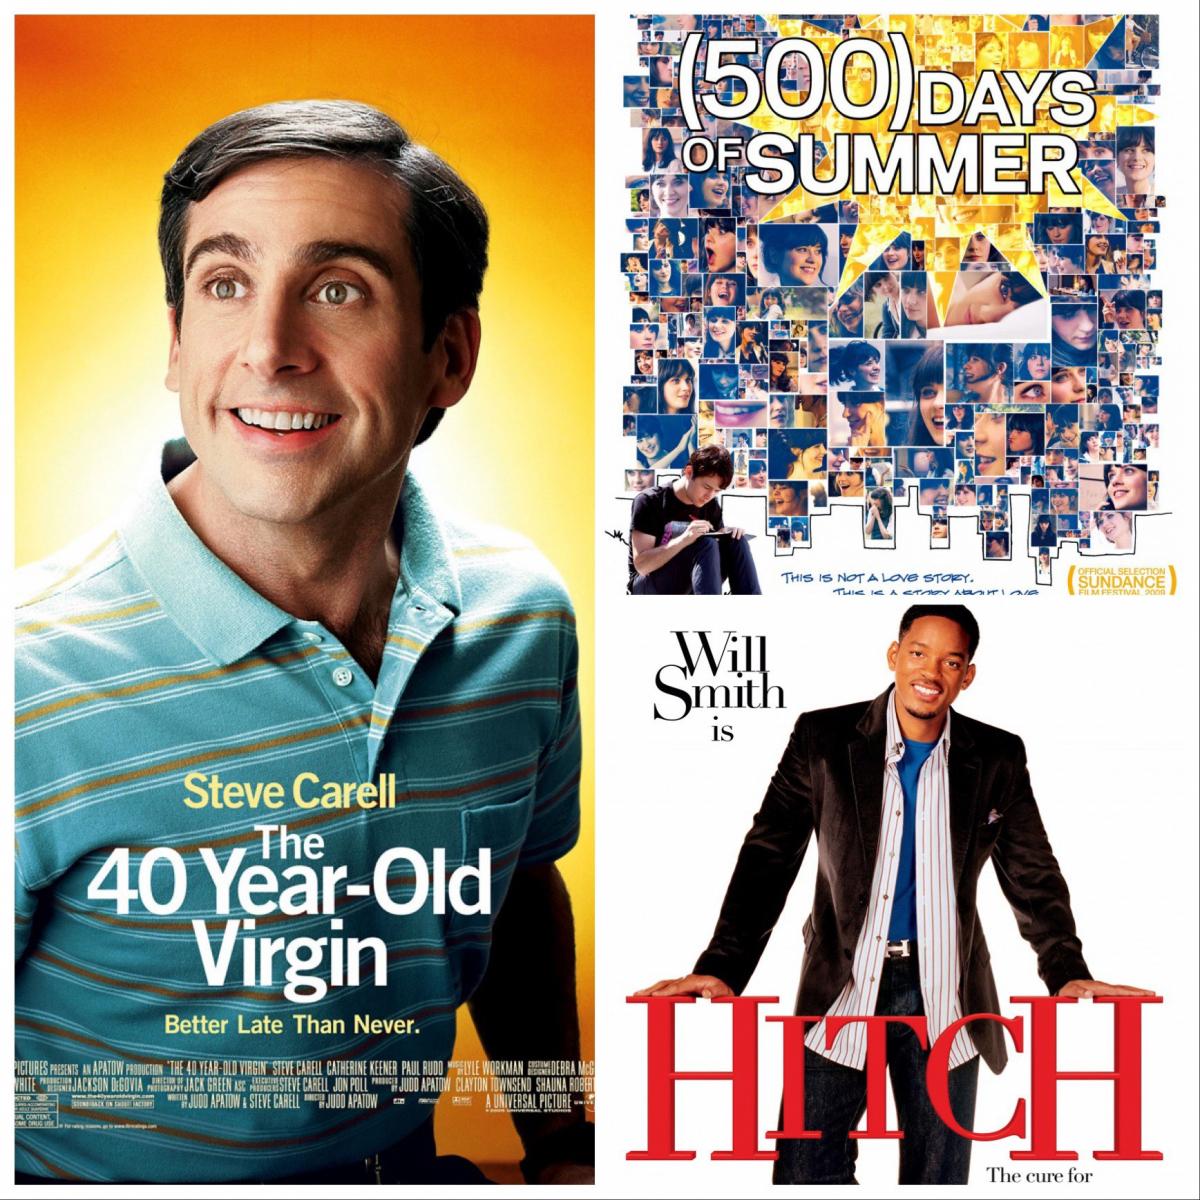 【異性の恋模様にヒントを探せ!編】オトコの本音に目からウロコ? そんな異性目線を参考にしたいなら、『最後の恋のはじめ方』(2005)、『40歳の童貞男』(2005)、『(500)日のサマー』(2009)がおすすめ。恋を成就させる近道が見つかるかも!